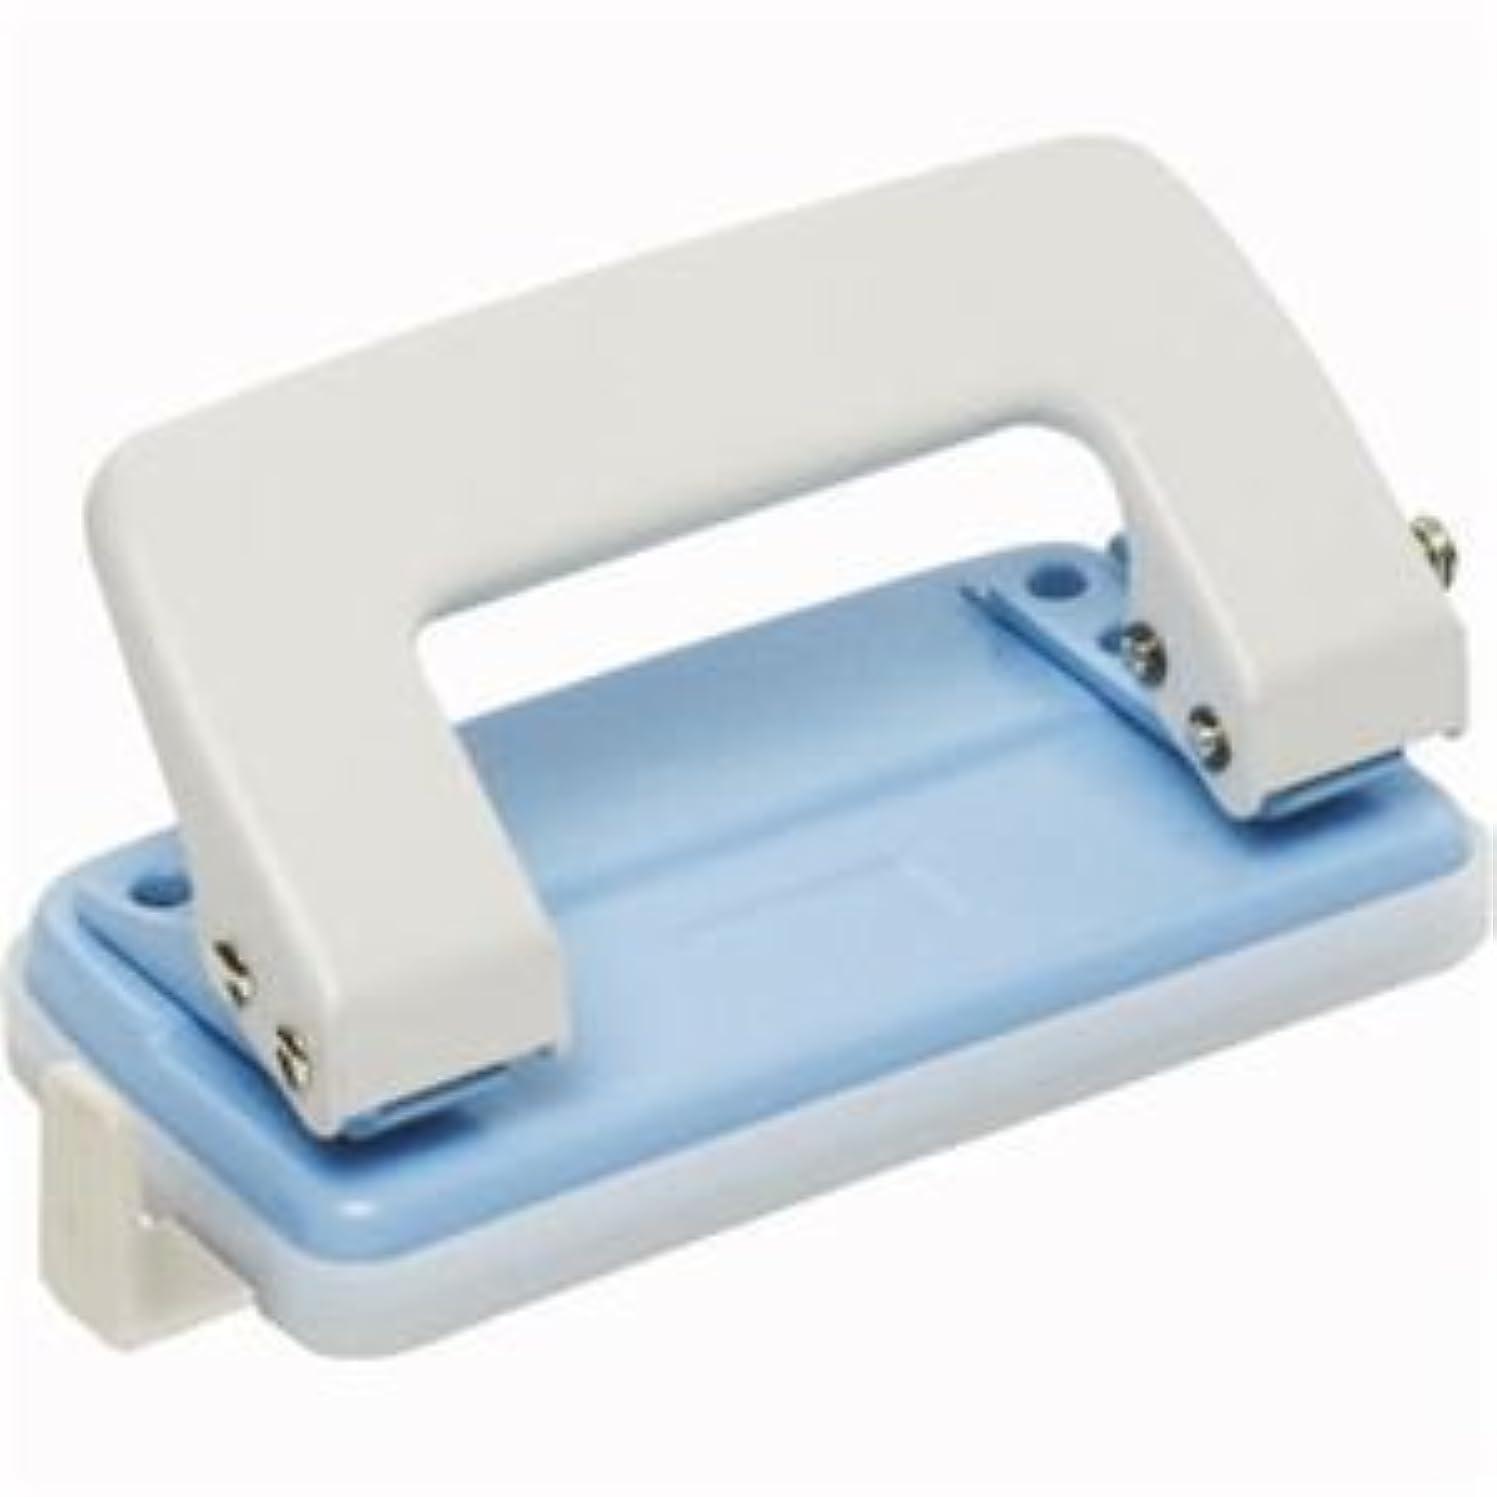 滑り台段落適応する(まとめ) ソニック 2穴パンチ 小 10枚穿孔 青 DA-396-B 1台 【×20セット】